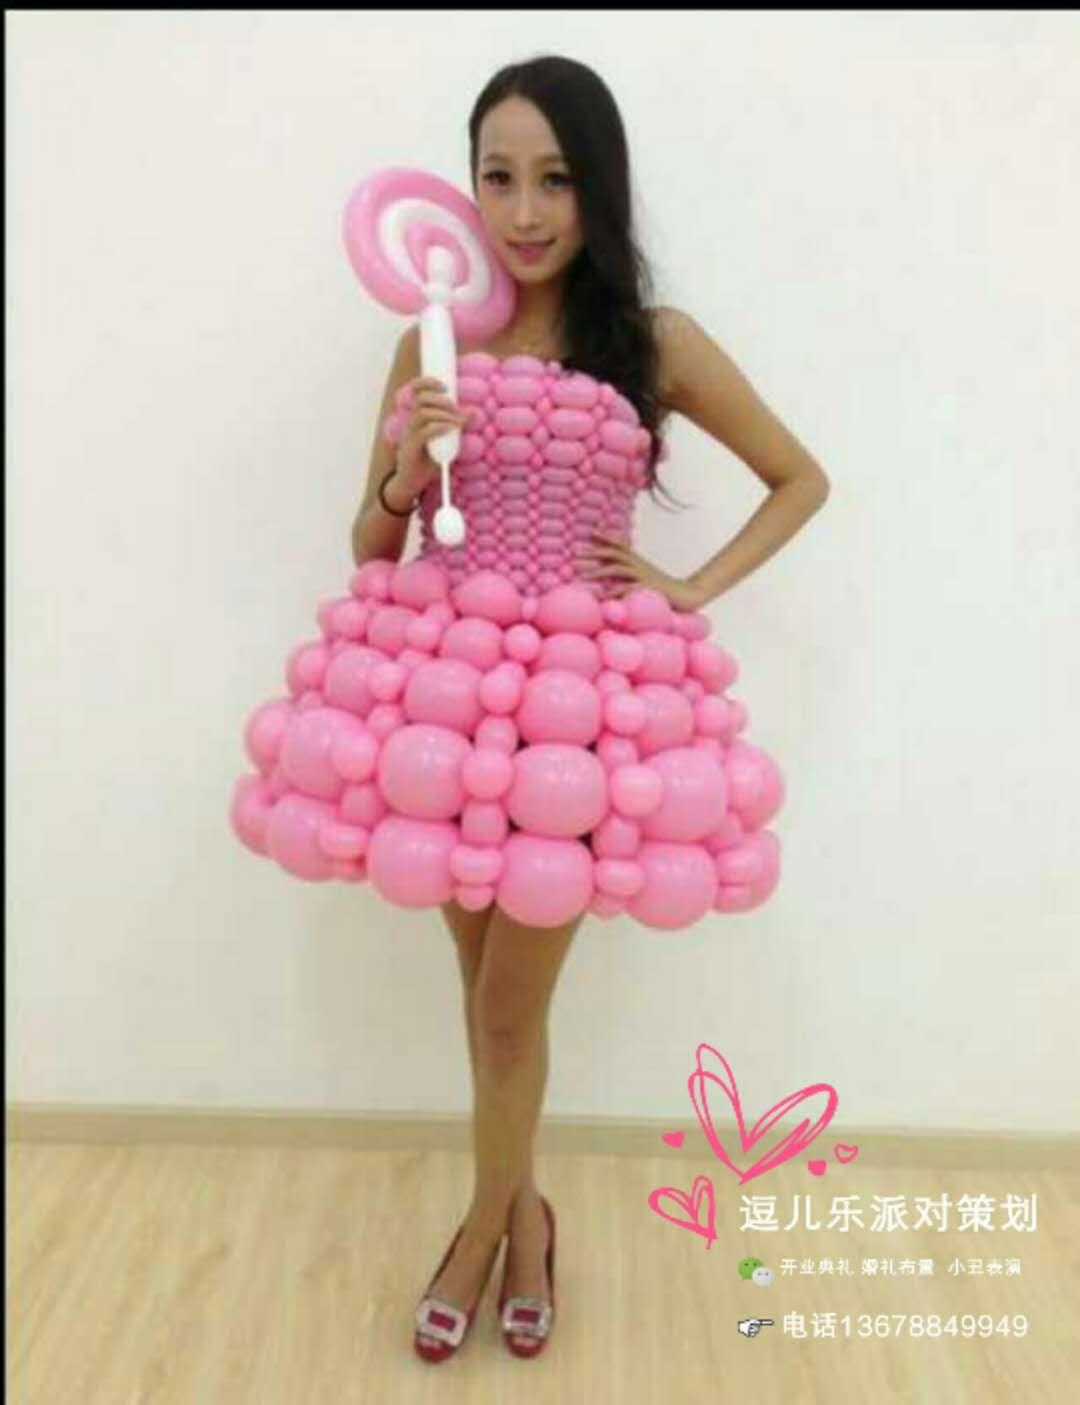 青岛专业气球装饰气球布置气球造型设计公司推荐逗儿乐气球